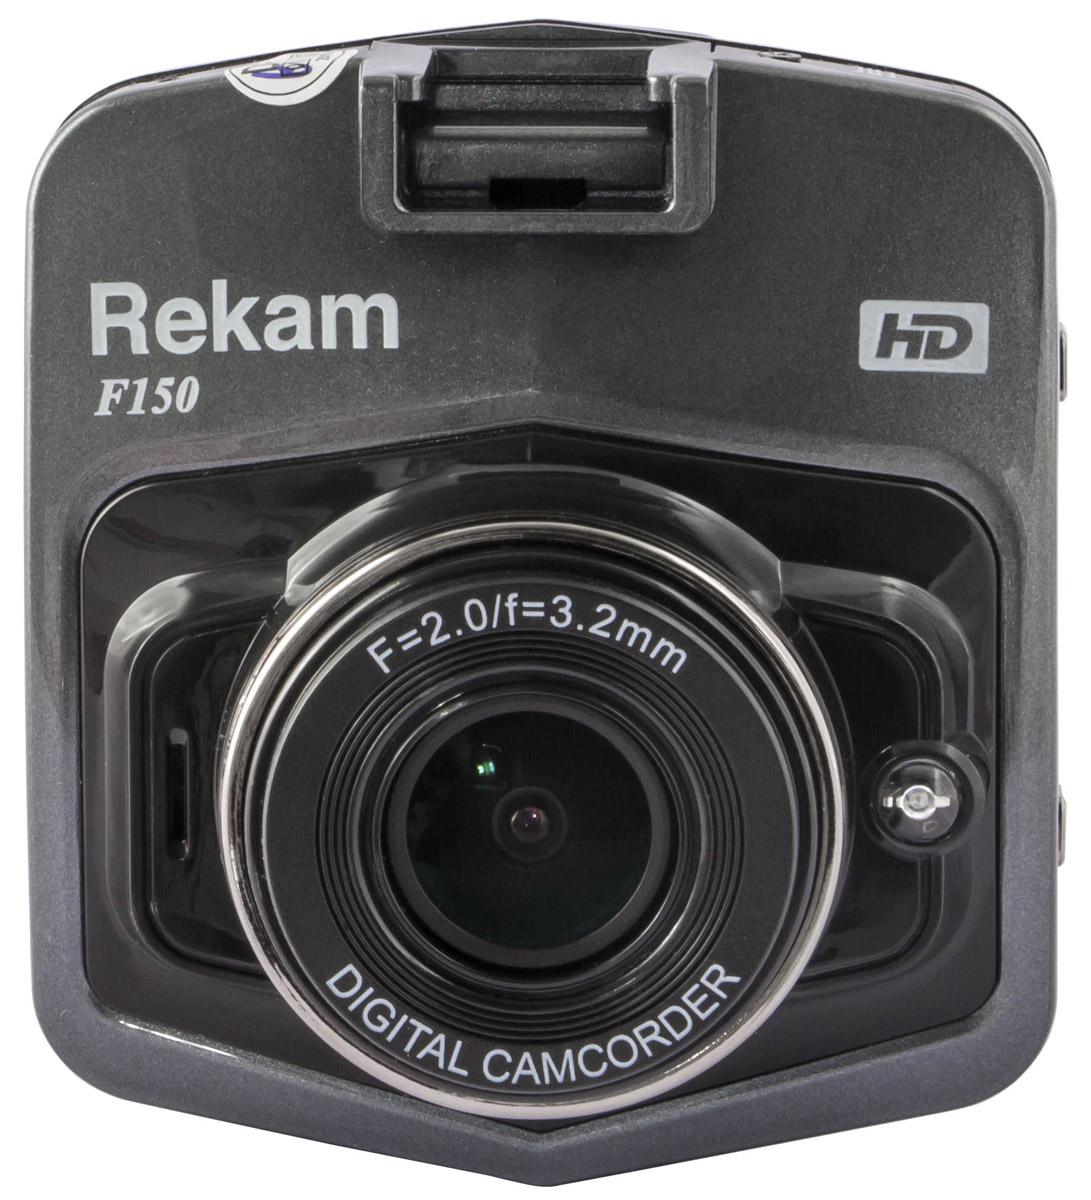 Rekam F150 автомобильный видеорегистраторF150Автомобильный видеорегистратор Rekam F150 можно смело назвать одним из самых миниатюрных Full HD видеорегистраторов с экраном. На лицевой стороне расположен объектив, состоящий из шести линз. Он имеет угол обзора 120°, диафрагму 2.0 и фокусное расстояние 3.2 мм, что обеспечивает достойное качество съемки, как в FullHD, так и в HD разрешении, при различном освещении. Помимо объектива, на лицевой стороне расположен встроенный динамик и светодиод подсветки, обеспечивающий лучшую видимость в ночное время. Кроме записи видео со звуком, Rekam F150 поддерживает режим съемки фото в разрешении до 3 Mпикс (2048x1536), 1.3 Mпикс (1280x960). Видеорегистратор оснащен 3-осевым G-сенсором, на основе которого реализованы режим защиты записи при ударе, а также режим Парковка. Rekam F150 обеспечивает гибкие возможности просмотра. Запись можно просматривать прямо на экране видеорегистратора, что позволяет оценить общую картину на месте. При необходимости рассмотреть детали,...